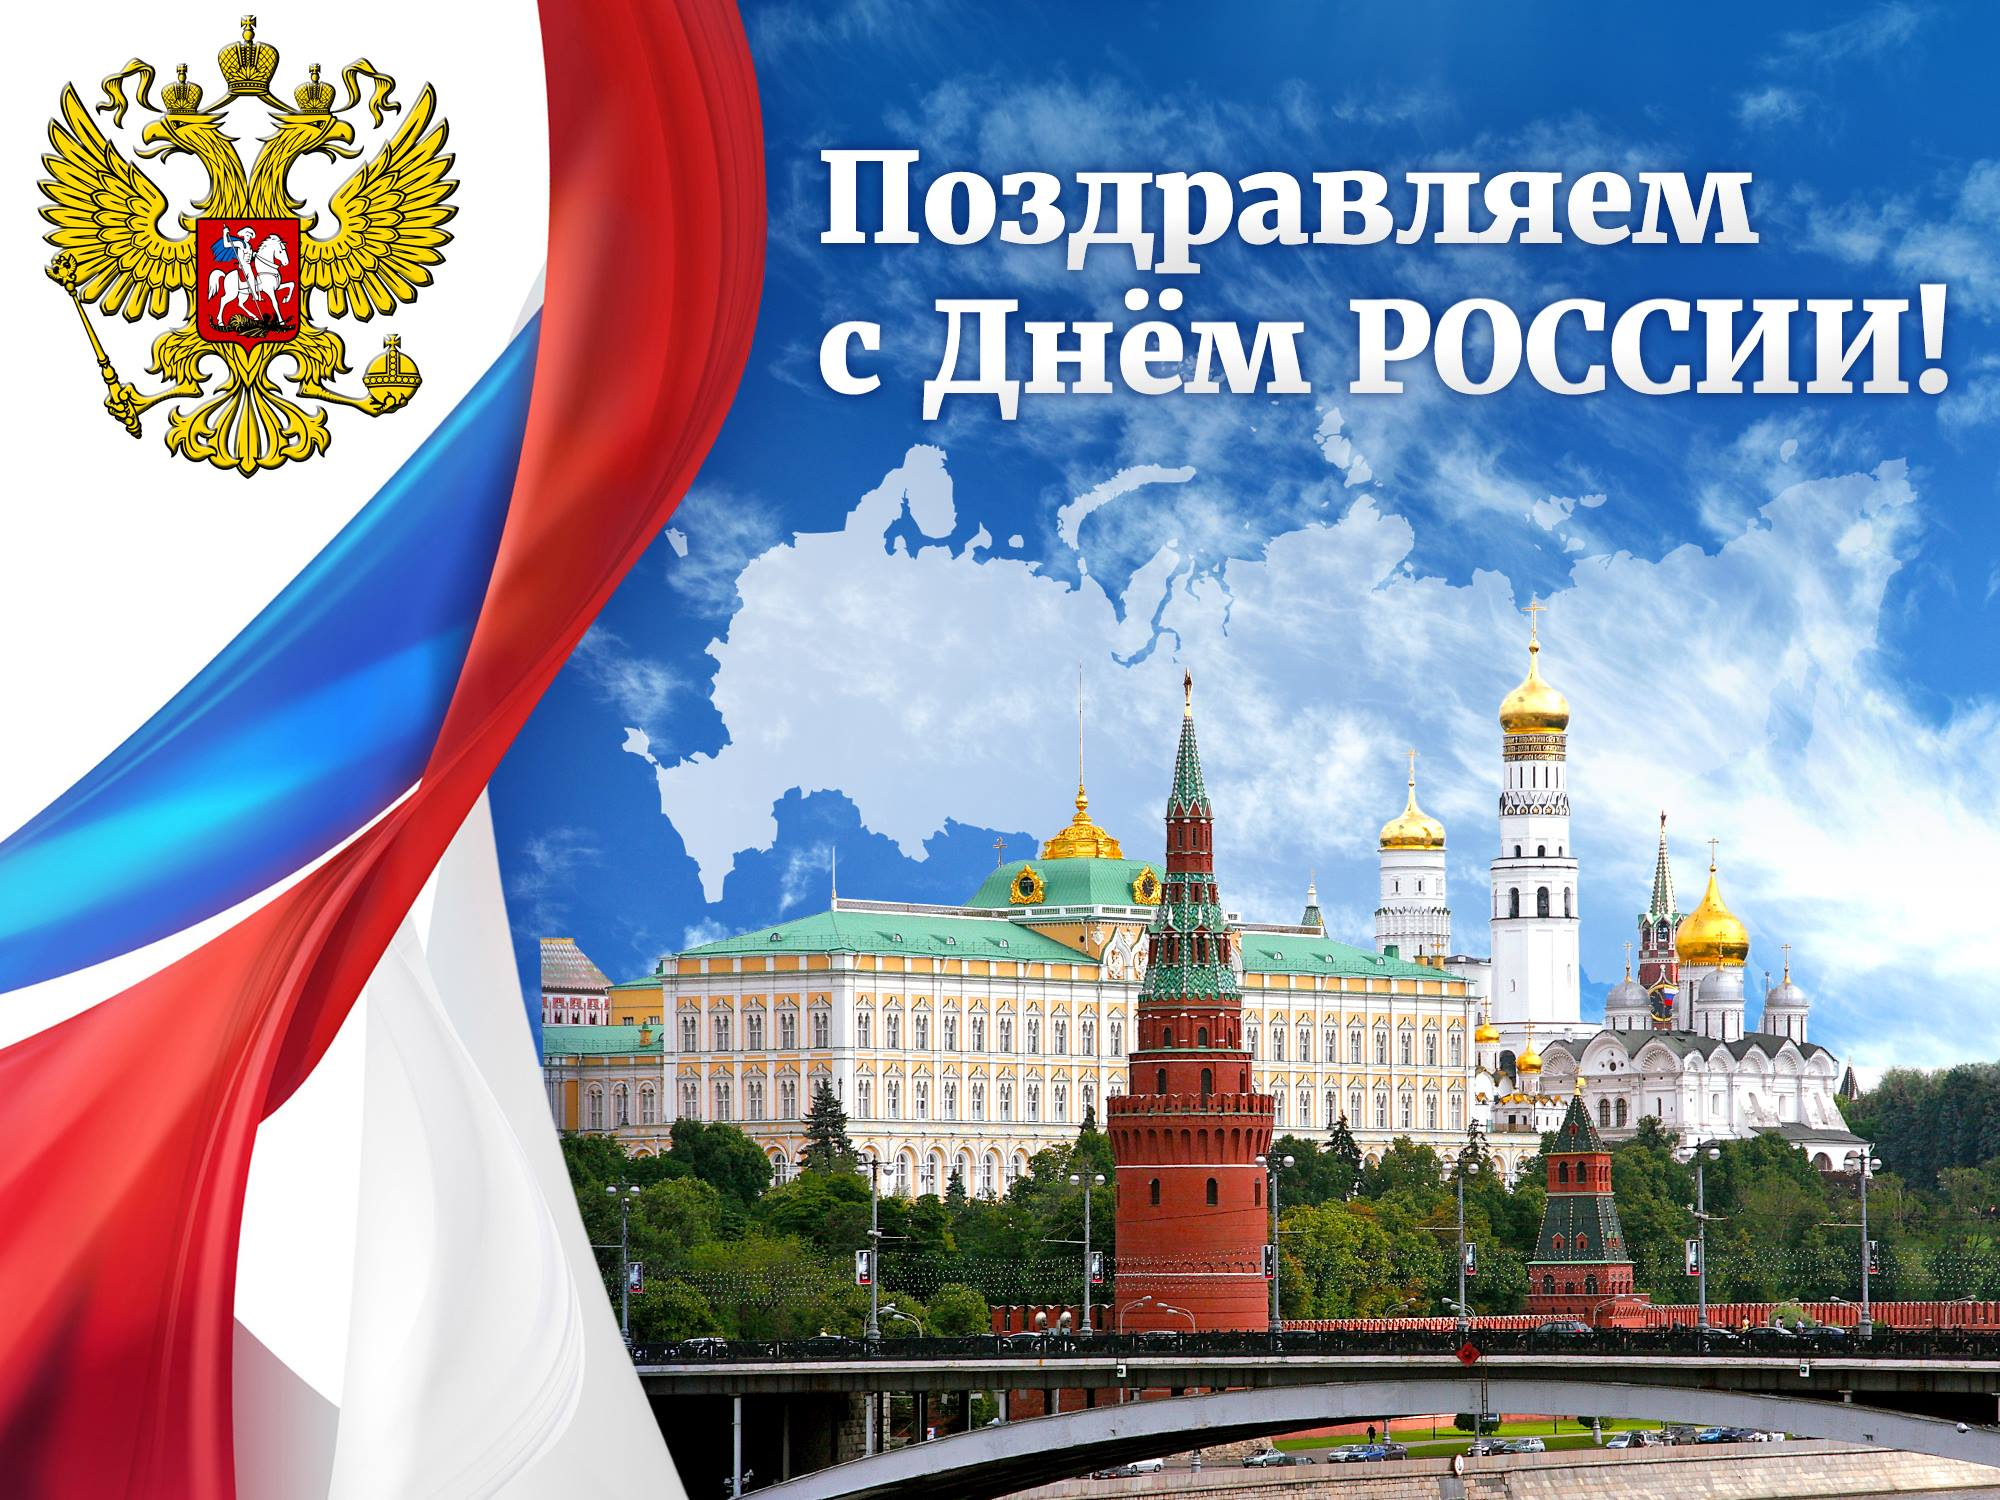 Поздравление с днём россии для друзей